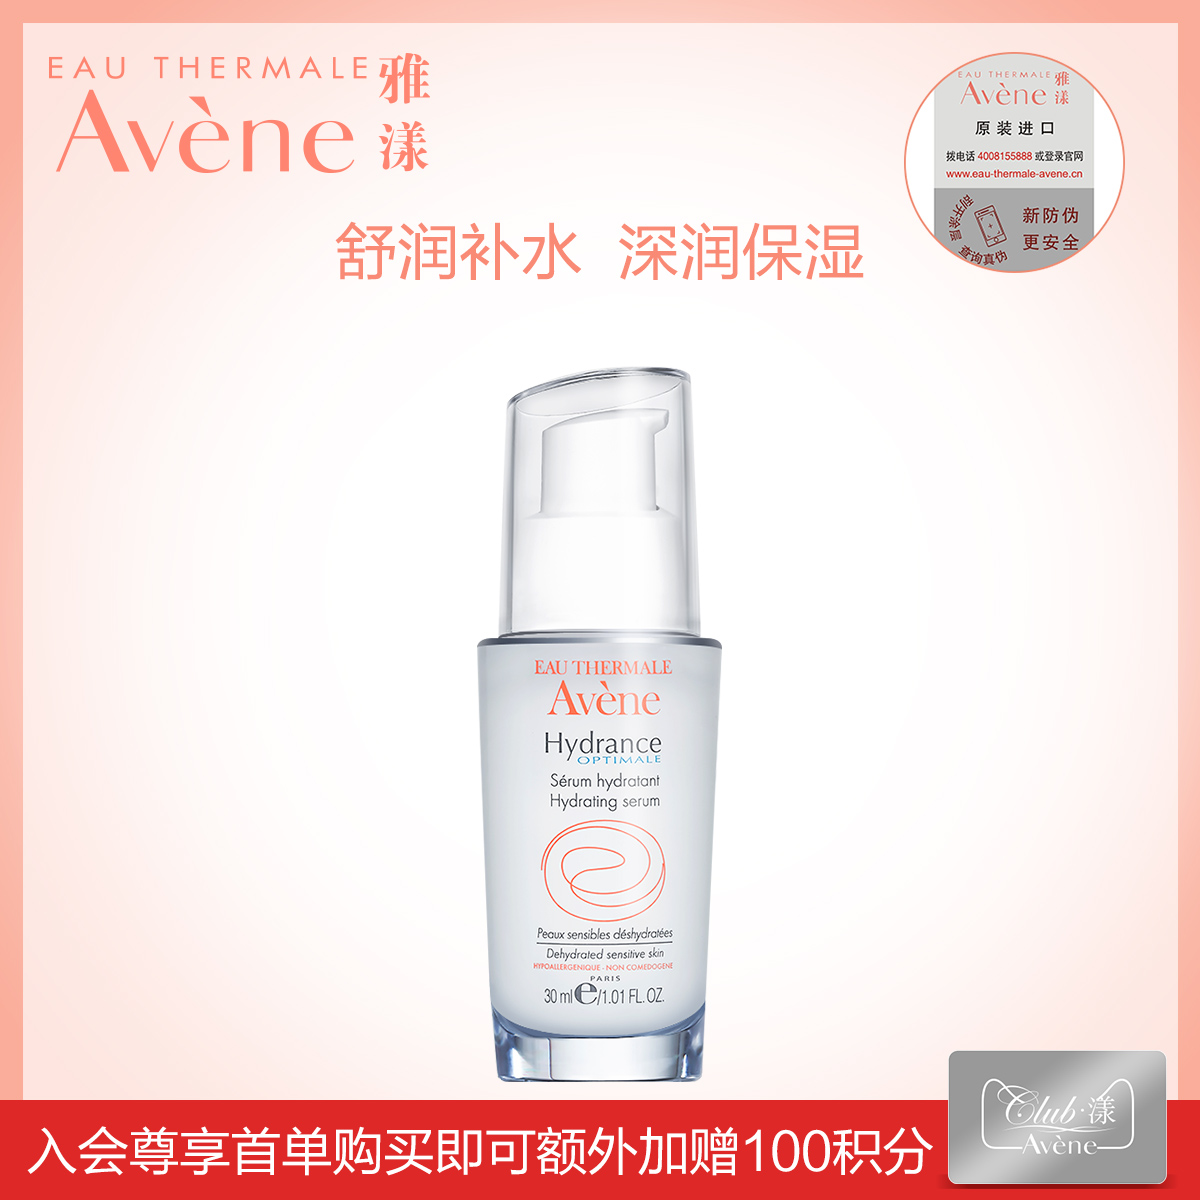 雅漾 恒润保湿精华乳30ml 补水修护舒缓嫩肤面部滋润提亮肤色舒缓